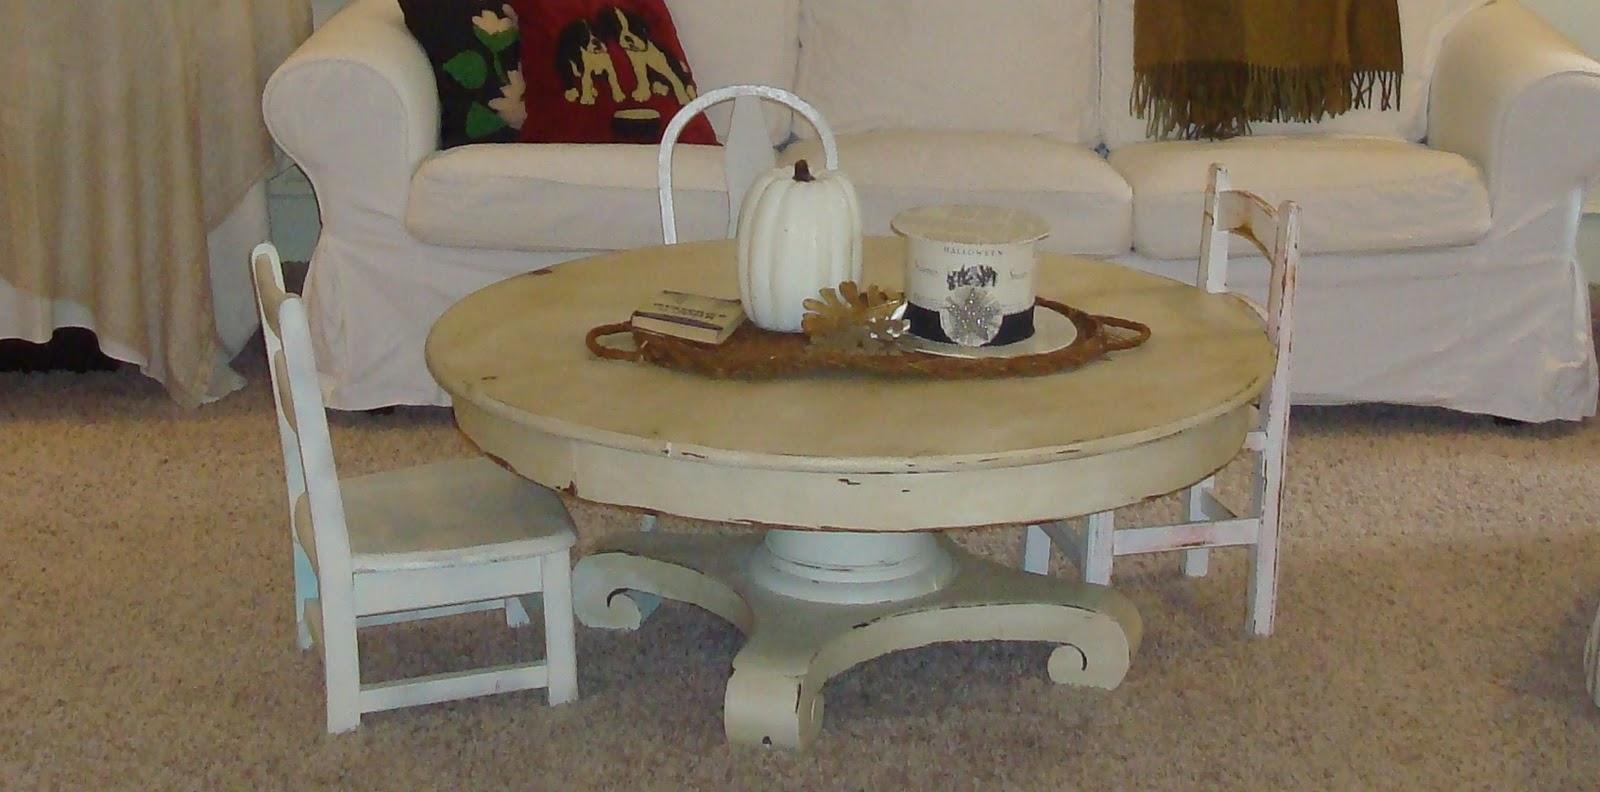 http://1.bp.blogspot.com/_FYZtLH_6ark/S9g-Gvu2-bI/AAAAAAAADmU/AJlMB_CXmb0/s1600/coffee+table.JPG